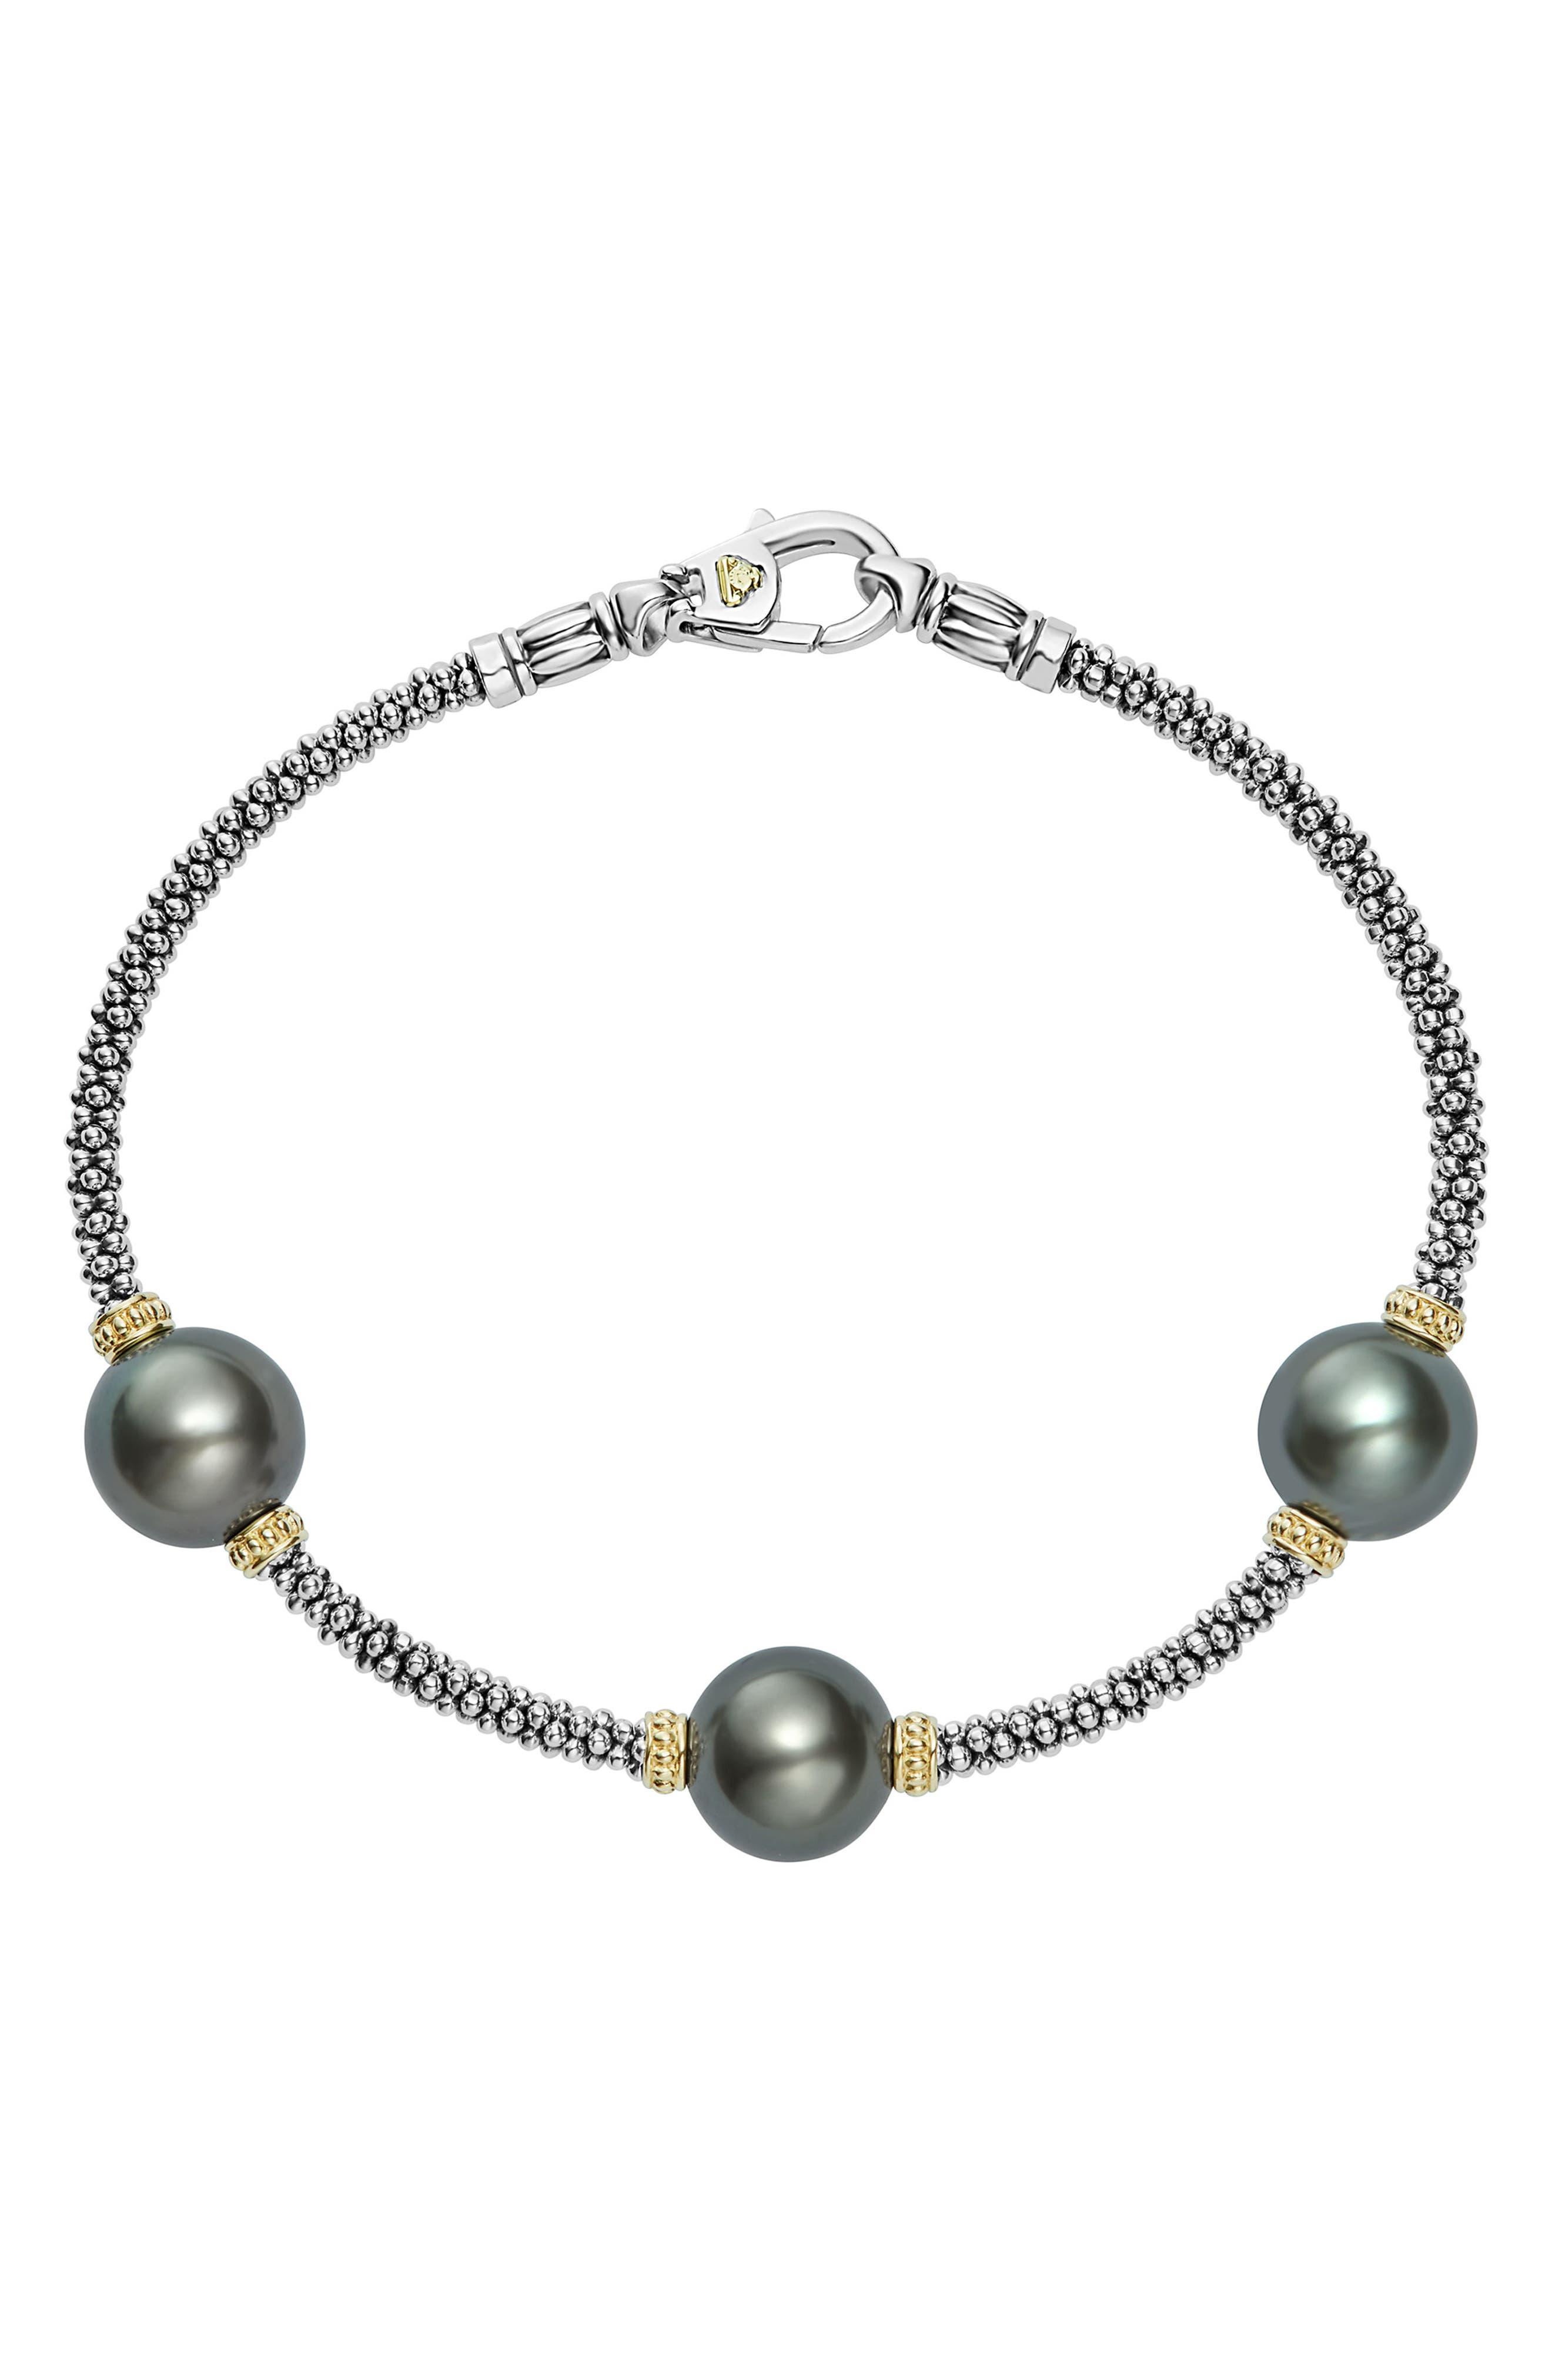 Main Image - LAGOS Luna Pearl Rope Bracelet